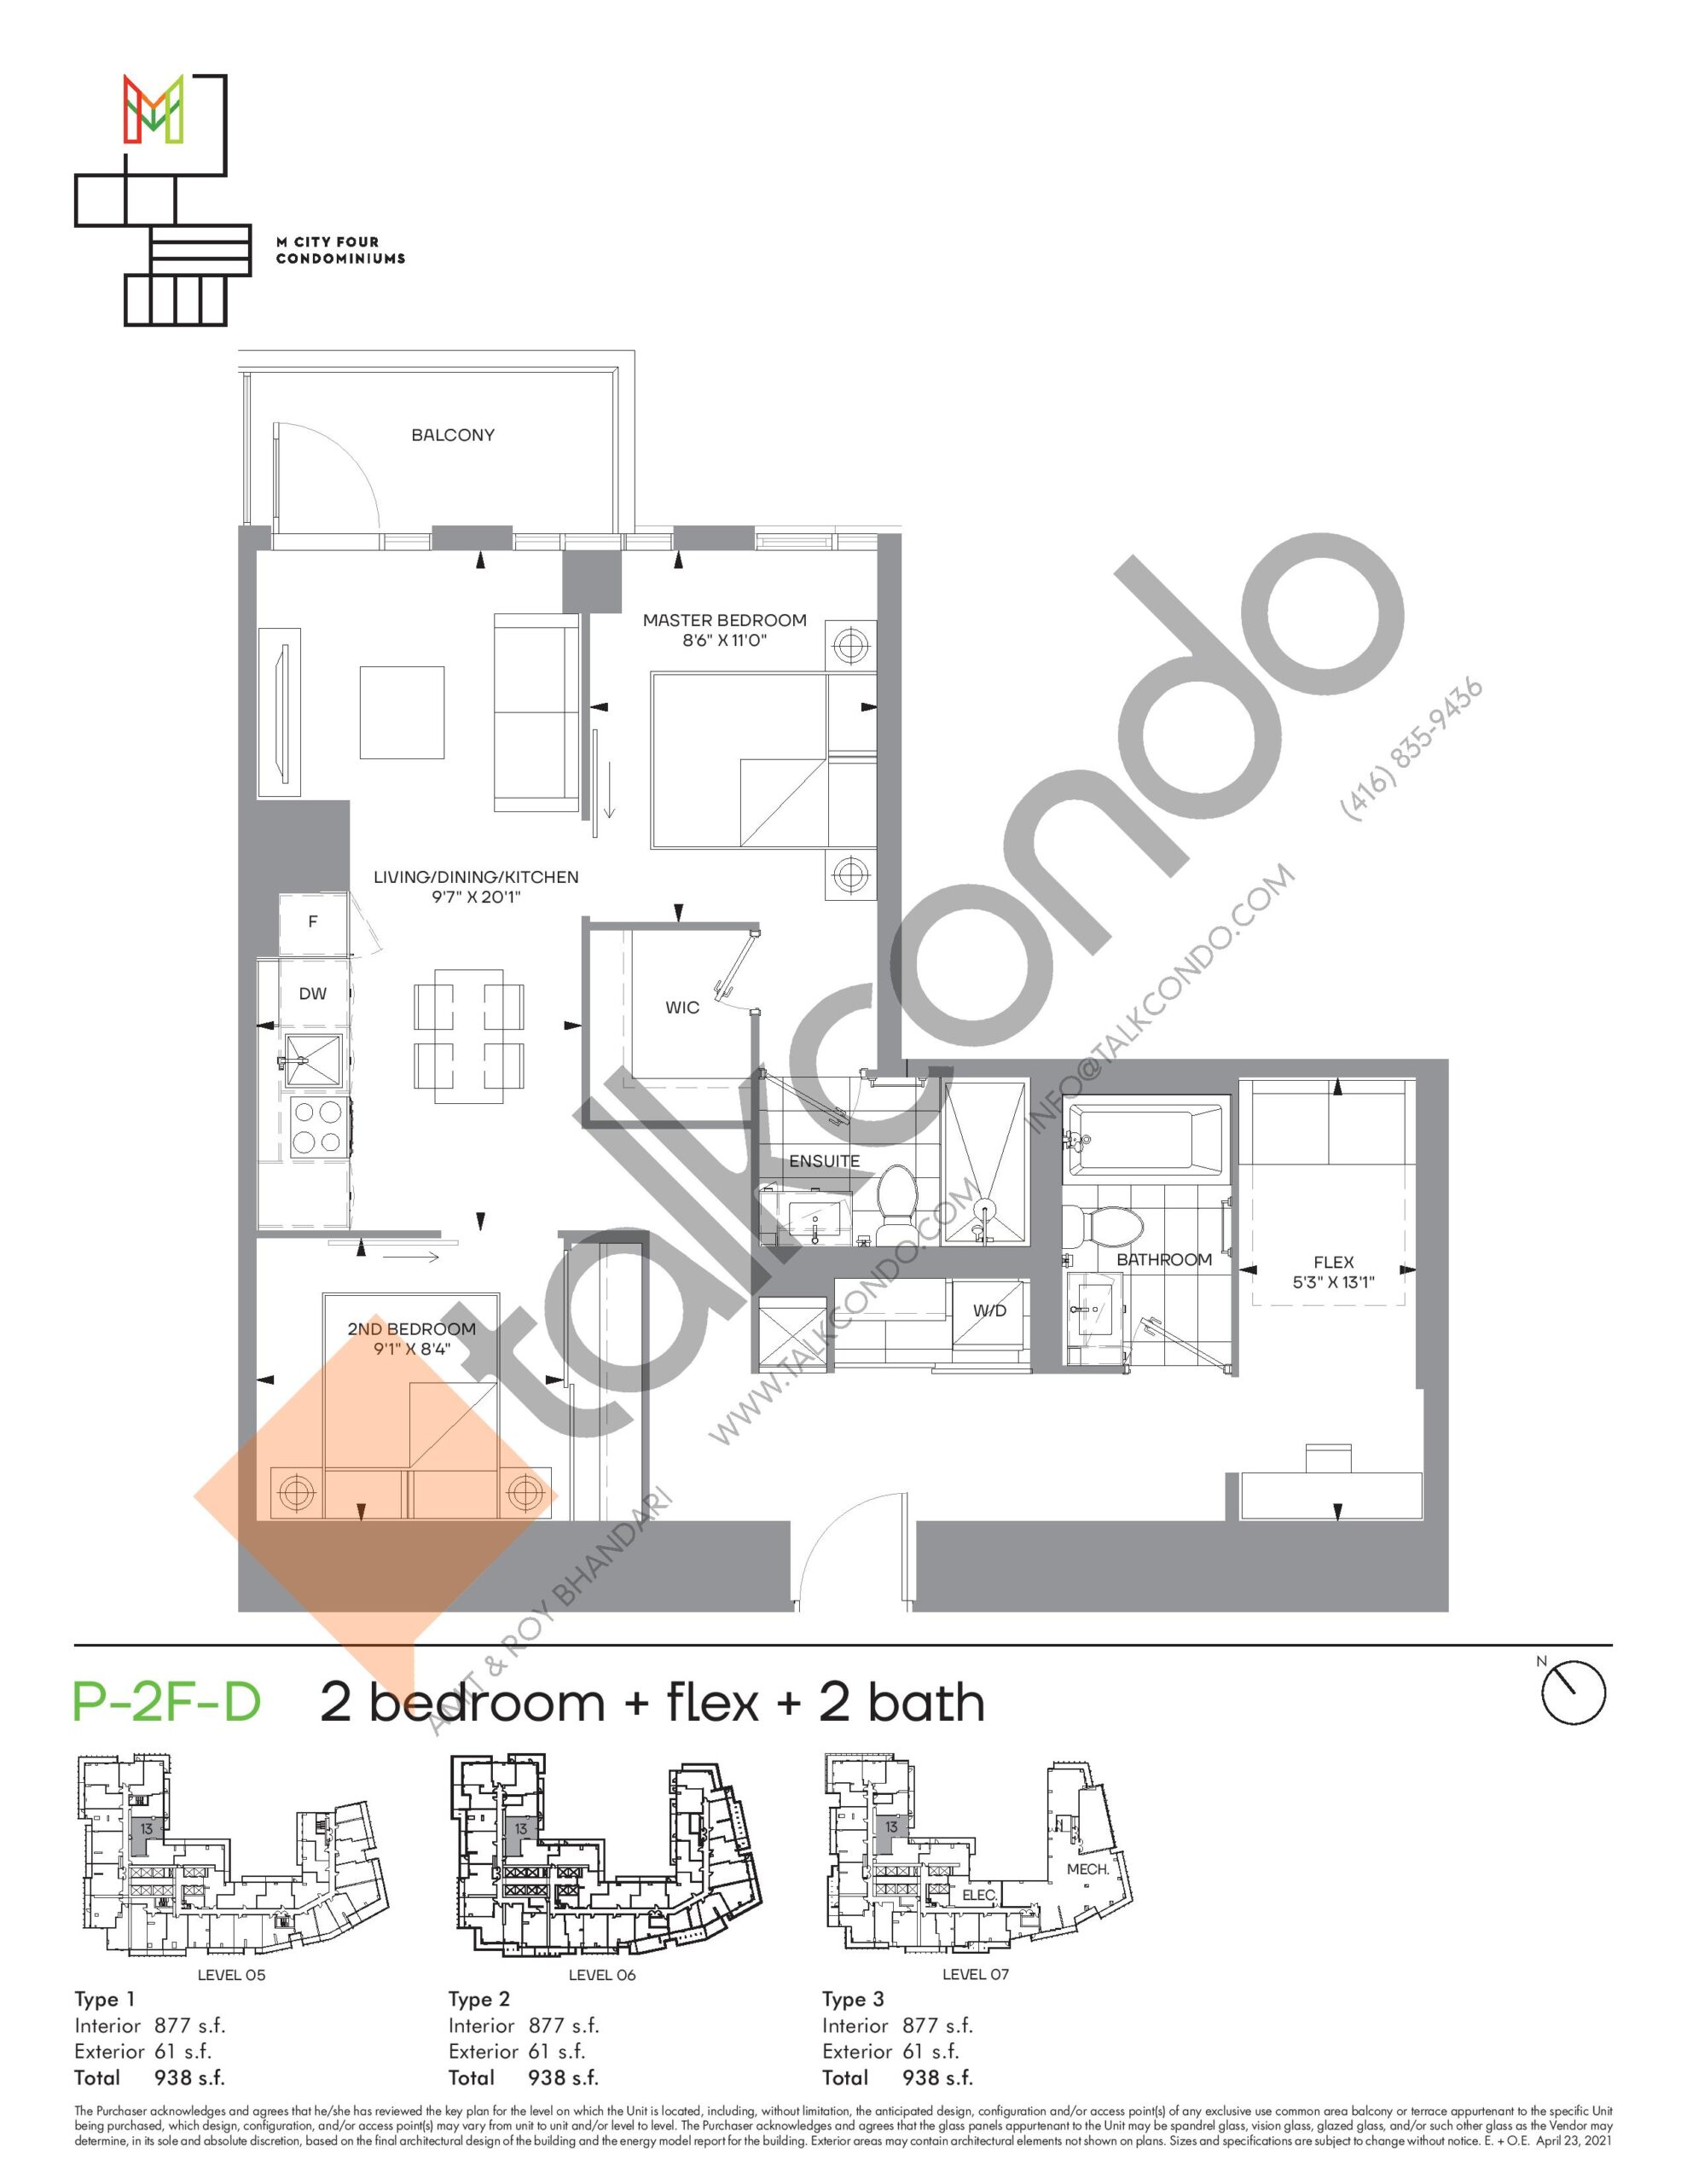 P-2F-D (Podium) Floor Plan at M4 Condos - 877 sq.ft